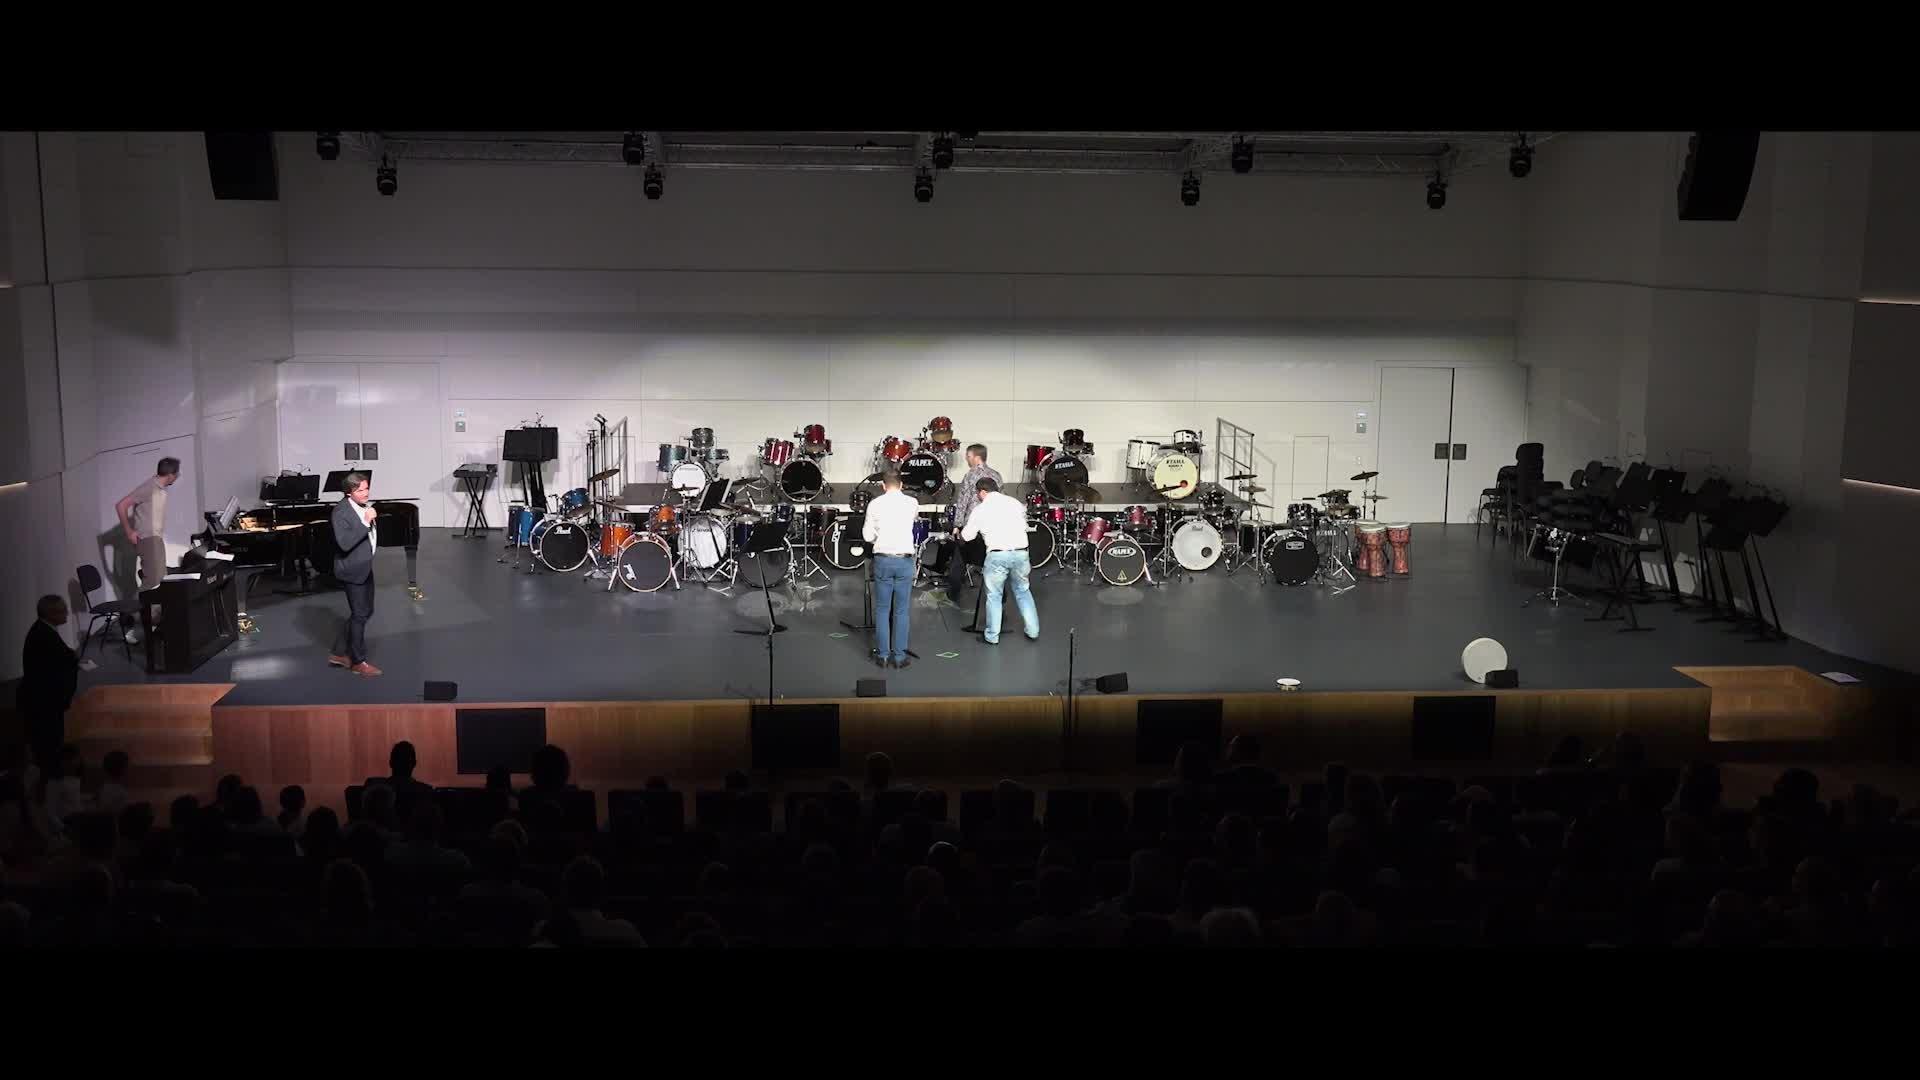 Audition Ecole de musique Hesperange - Discours, 07.07.2019